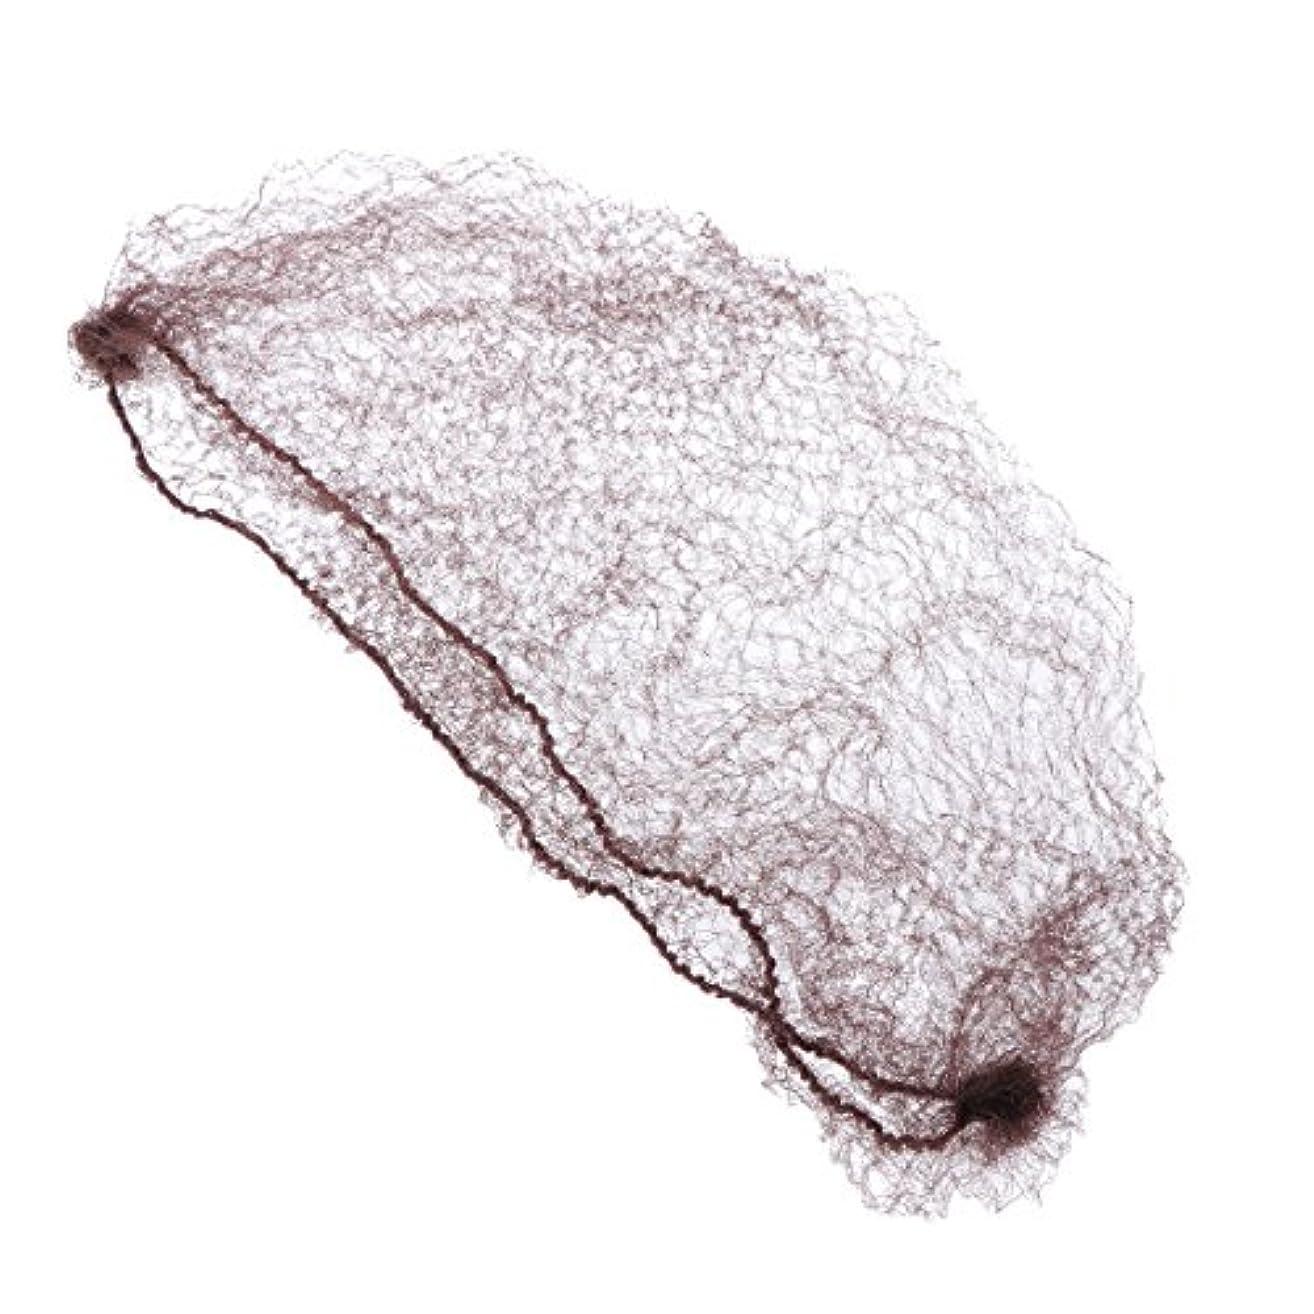 プロフェッショナル横十分なFrcolor ヘアネット 髪束ねネット 目に見えない 弾性 団子ドレスアップ アクセサリー 再利用可能 50本 (コーヒー/ 50cm)